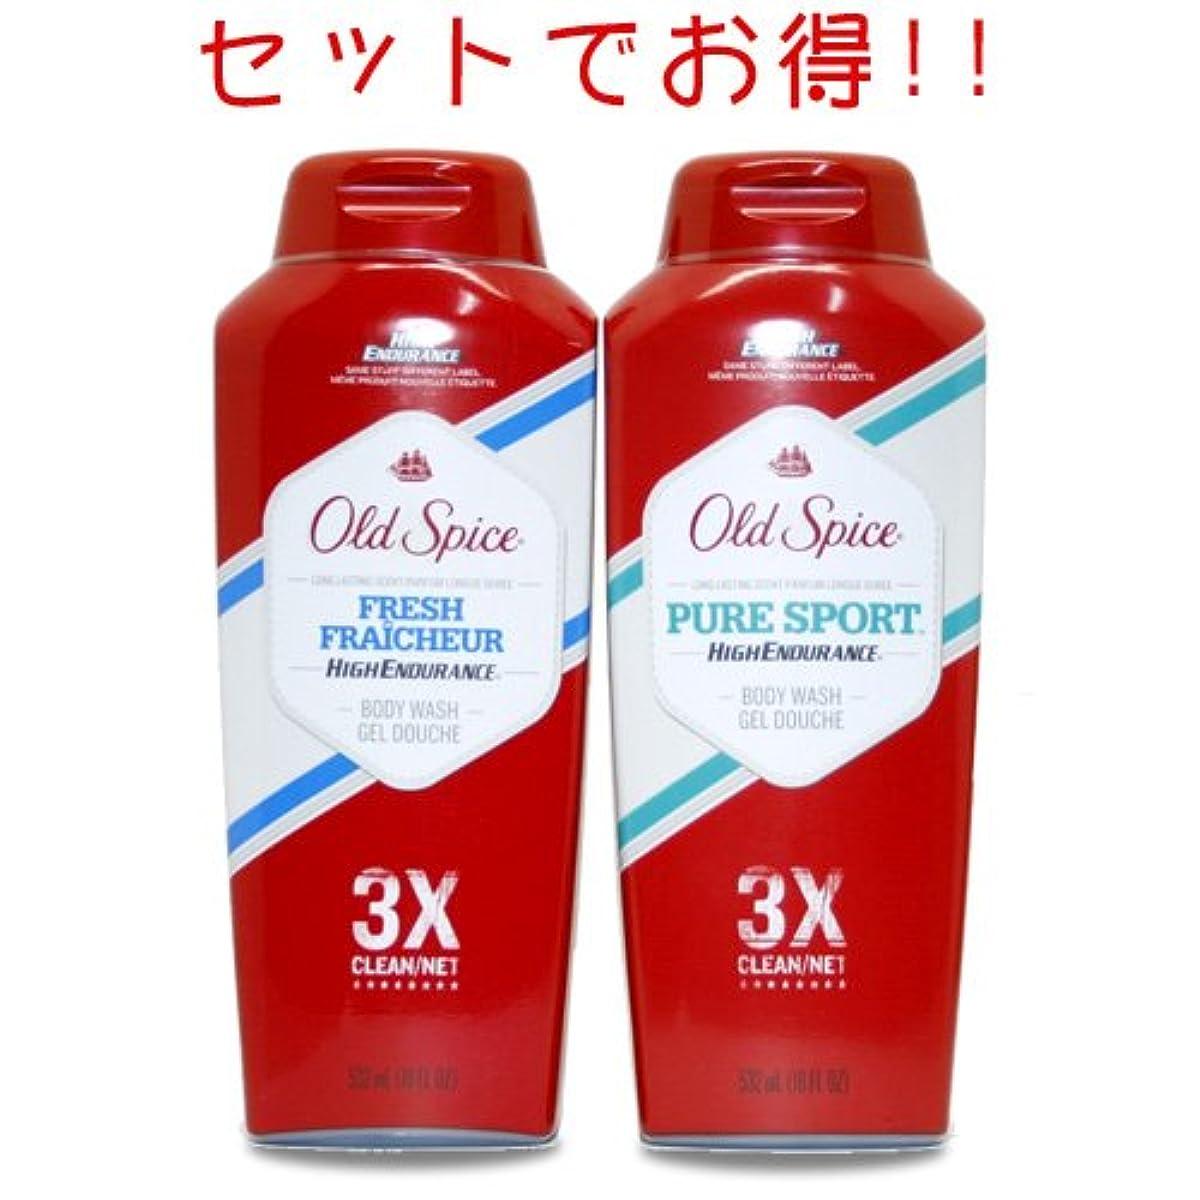 バトル貸すパーク【Old Spice】オールドスパイス HEボディウォッシュ 532ml お試し2種セット